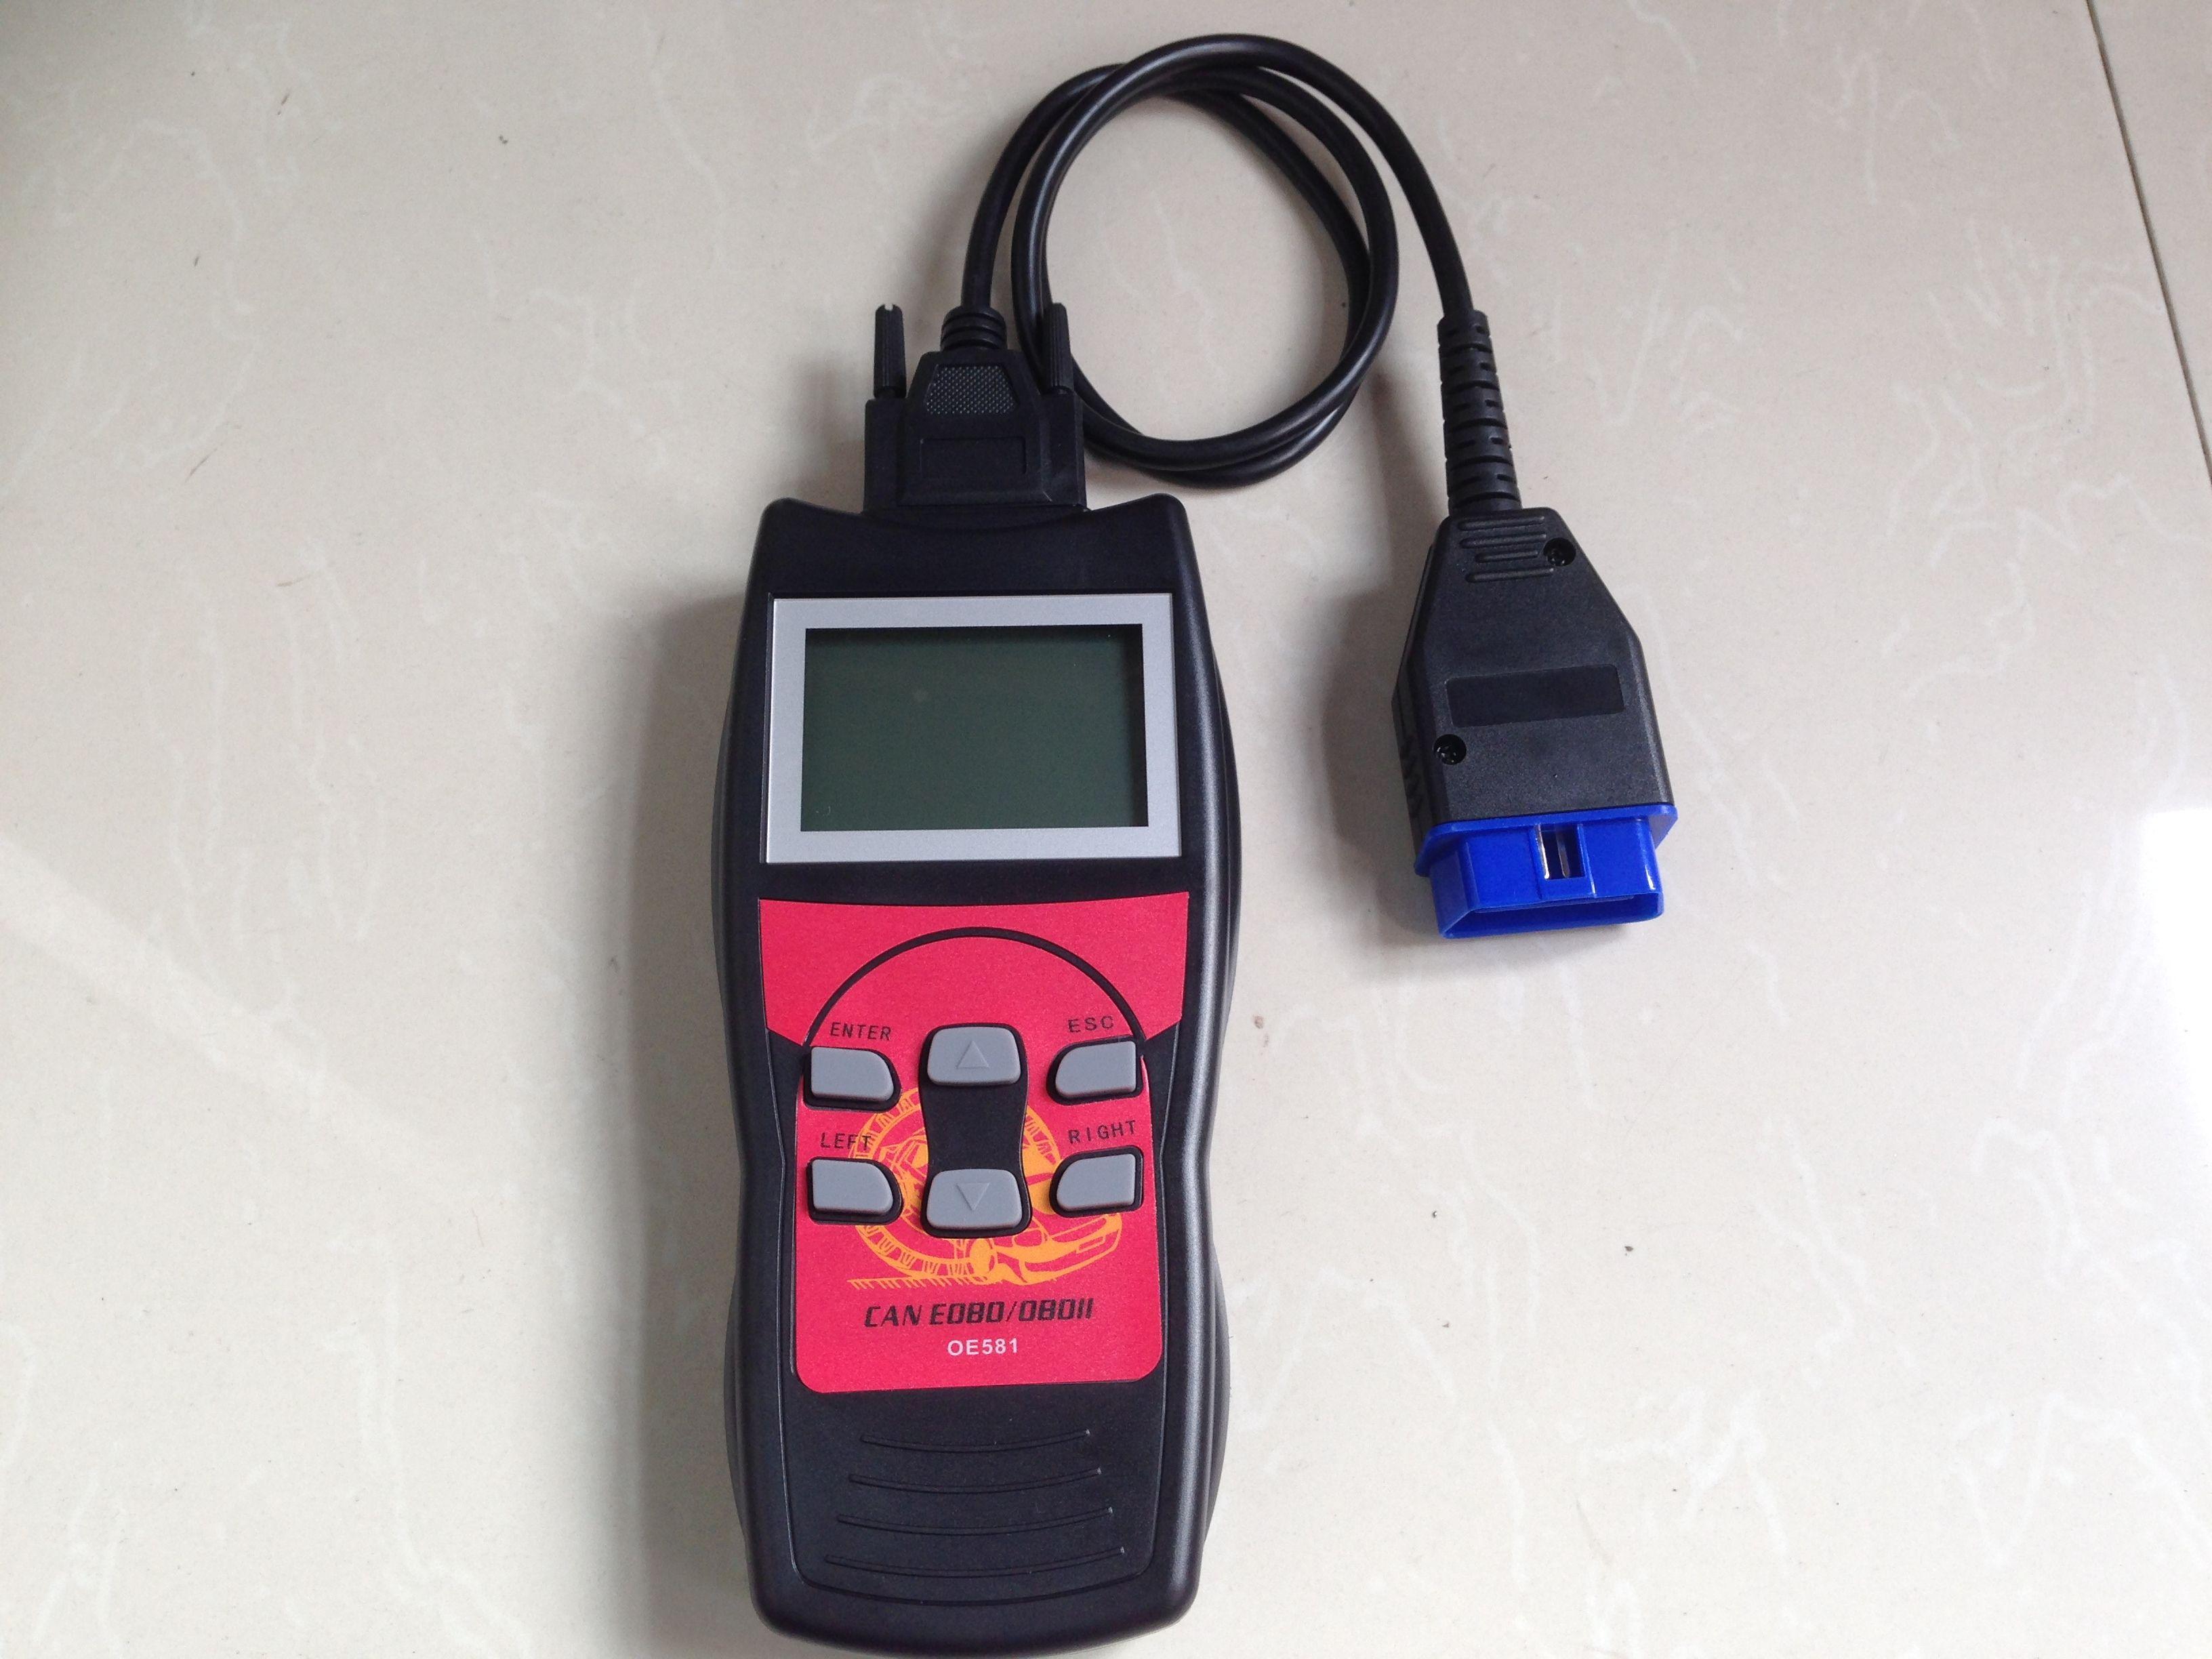 자동차 탐지기 OBD2 진단 도구, OBD 검사 도구, OBD2 스캐너, 코드 리더, 자동차 스캐너 지원 미국, 아시아 유럽 자동차